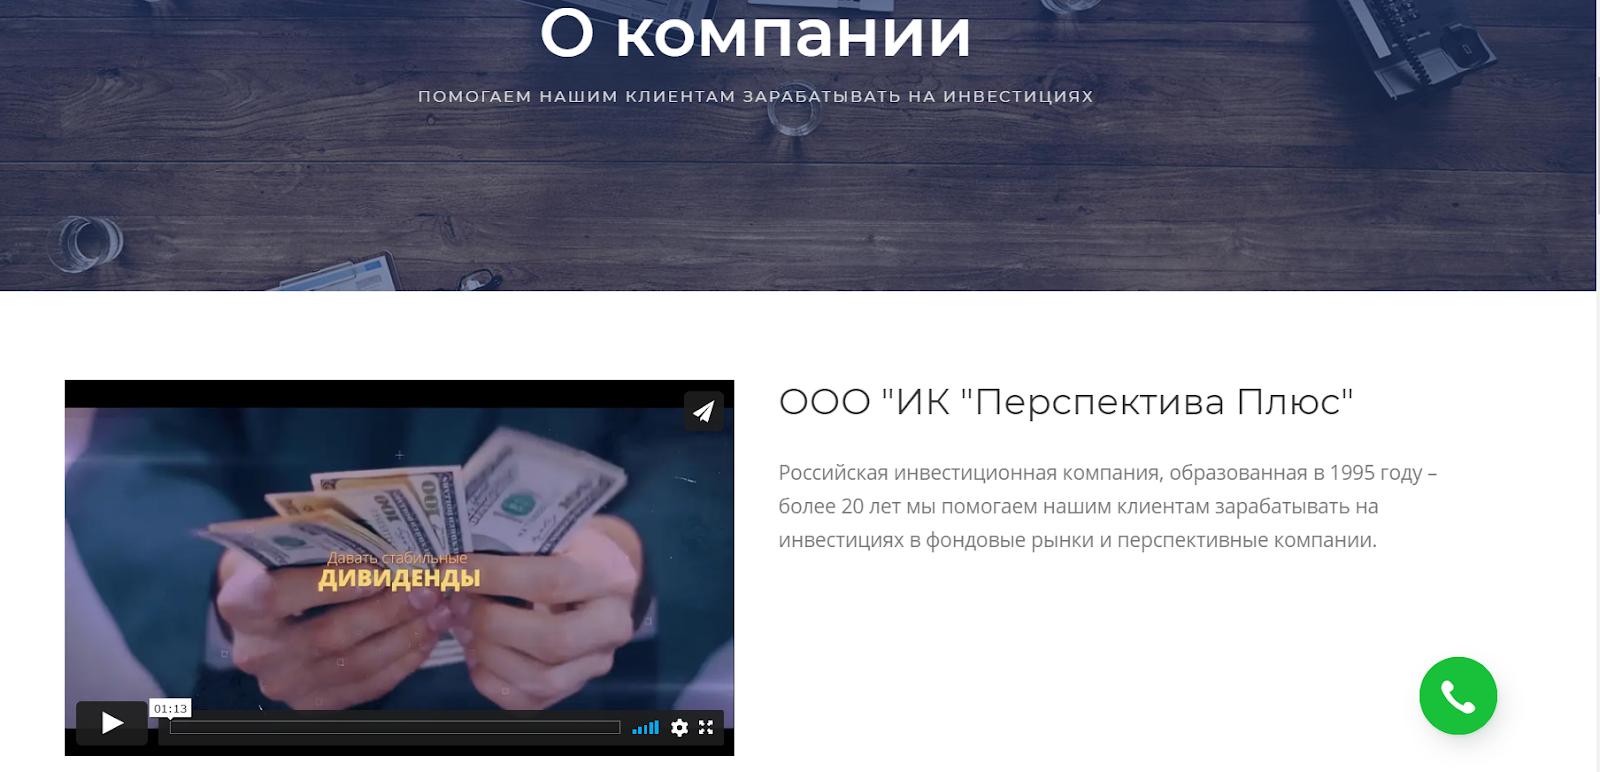 """Обзор инвестиционной платформы """"Перспектива Плюс"""" и анализ отзывов пользователей"""